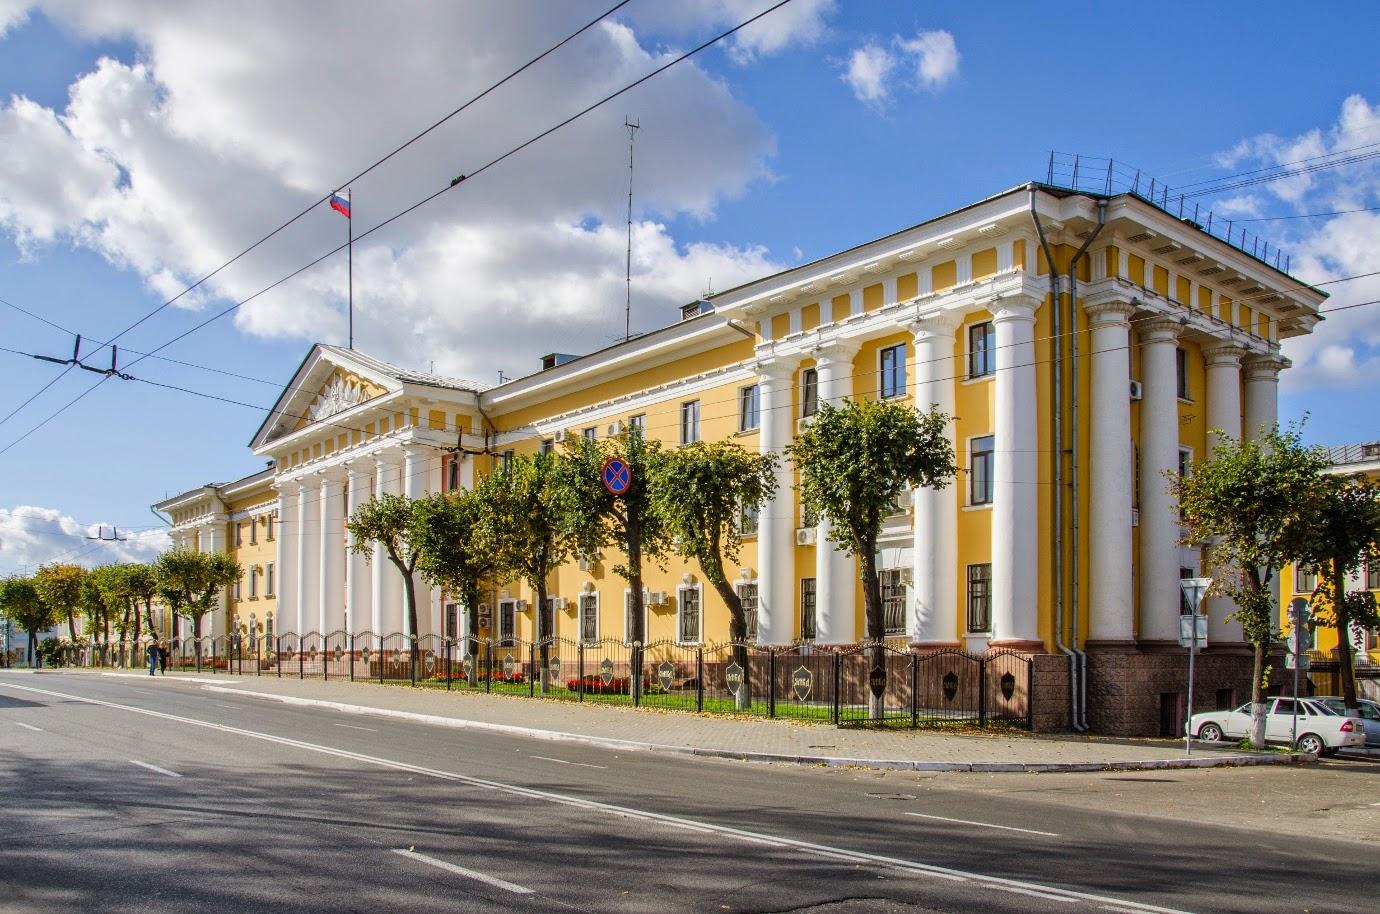 Улица Владимира. Фотография